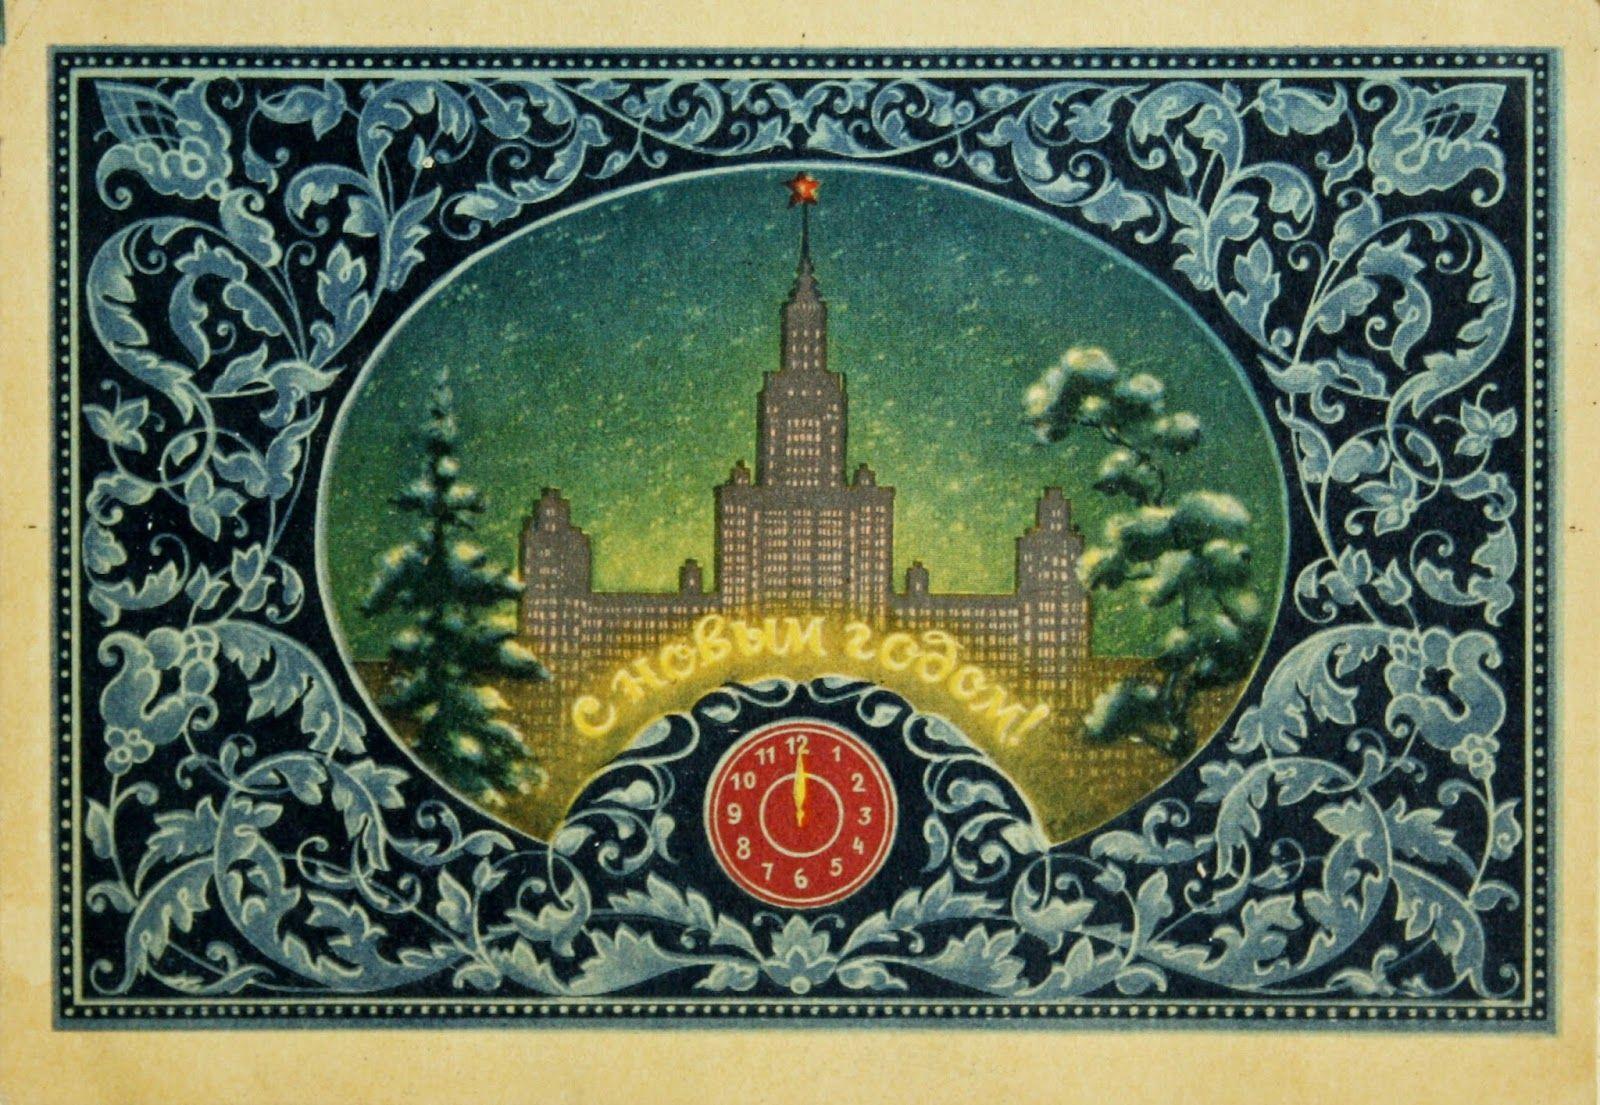 День пожилых, шаблон открыток с новым годом ссср